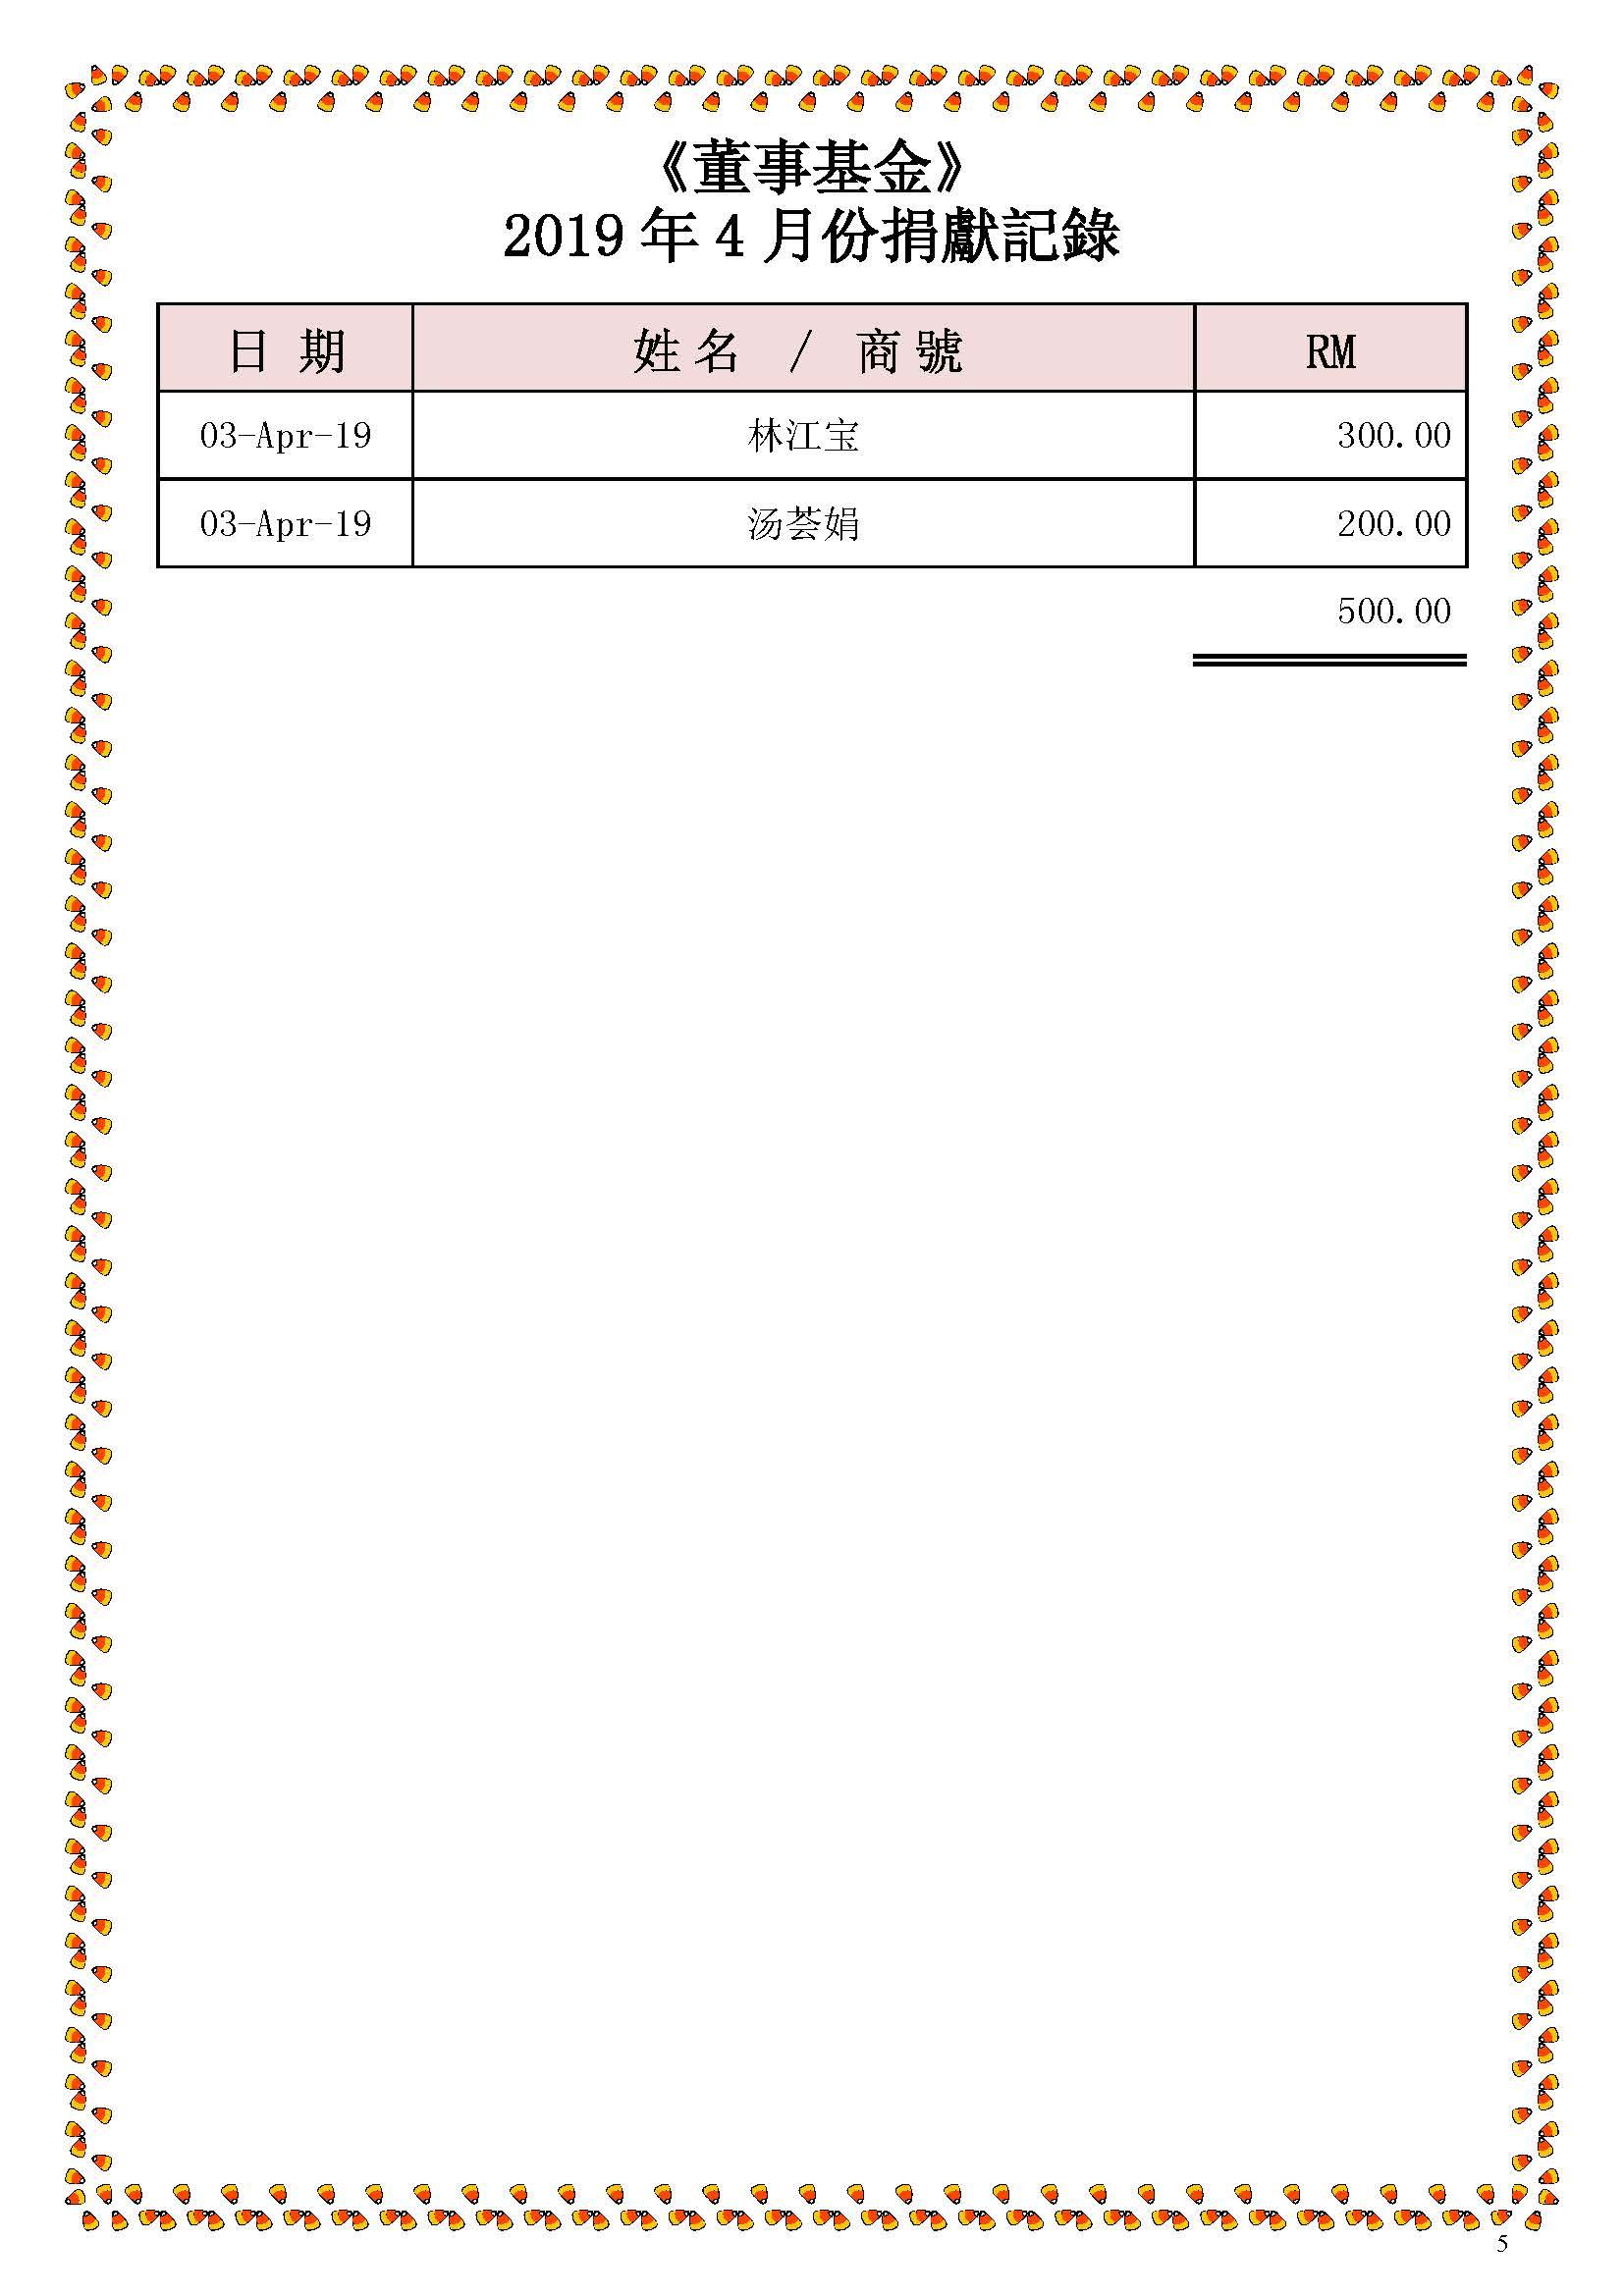 2019年4月份捐獻記錄 —修改后_Page_5